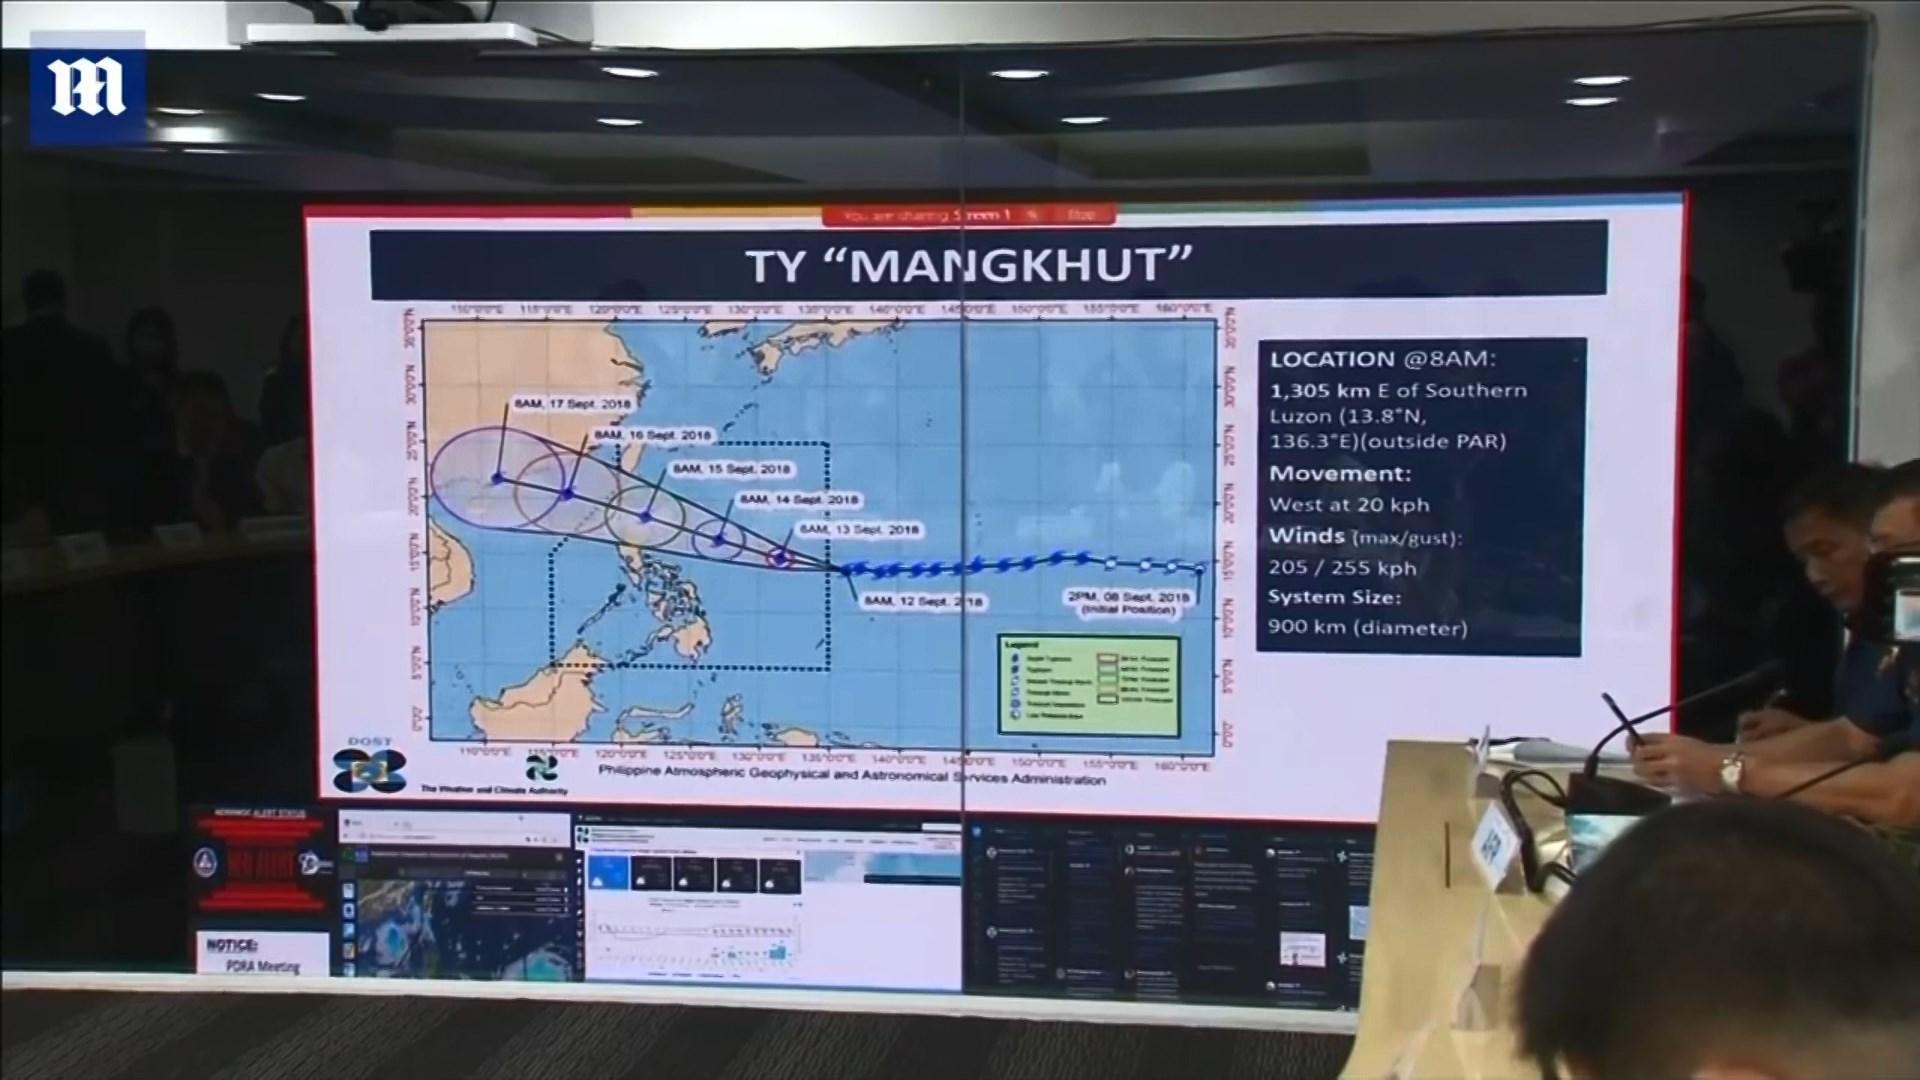 Mijëra të evakuuar në Filipine në pritje të tajfunit Mangkhut